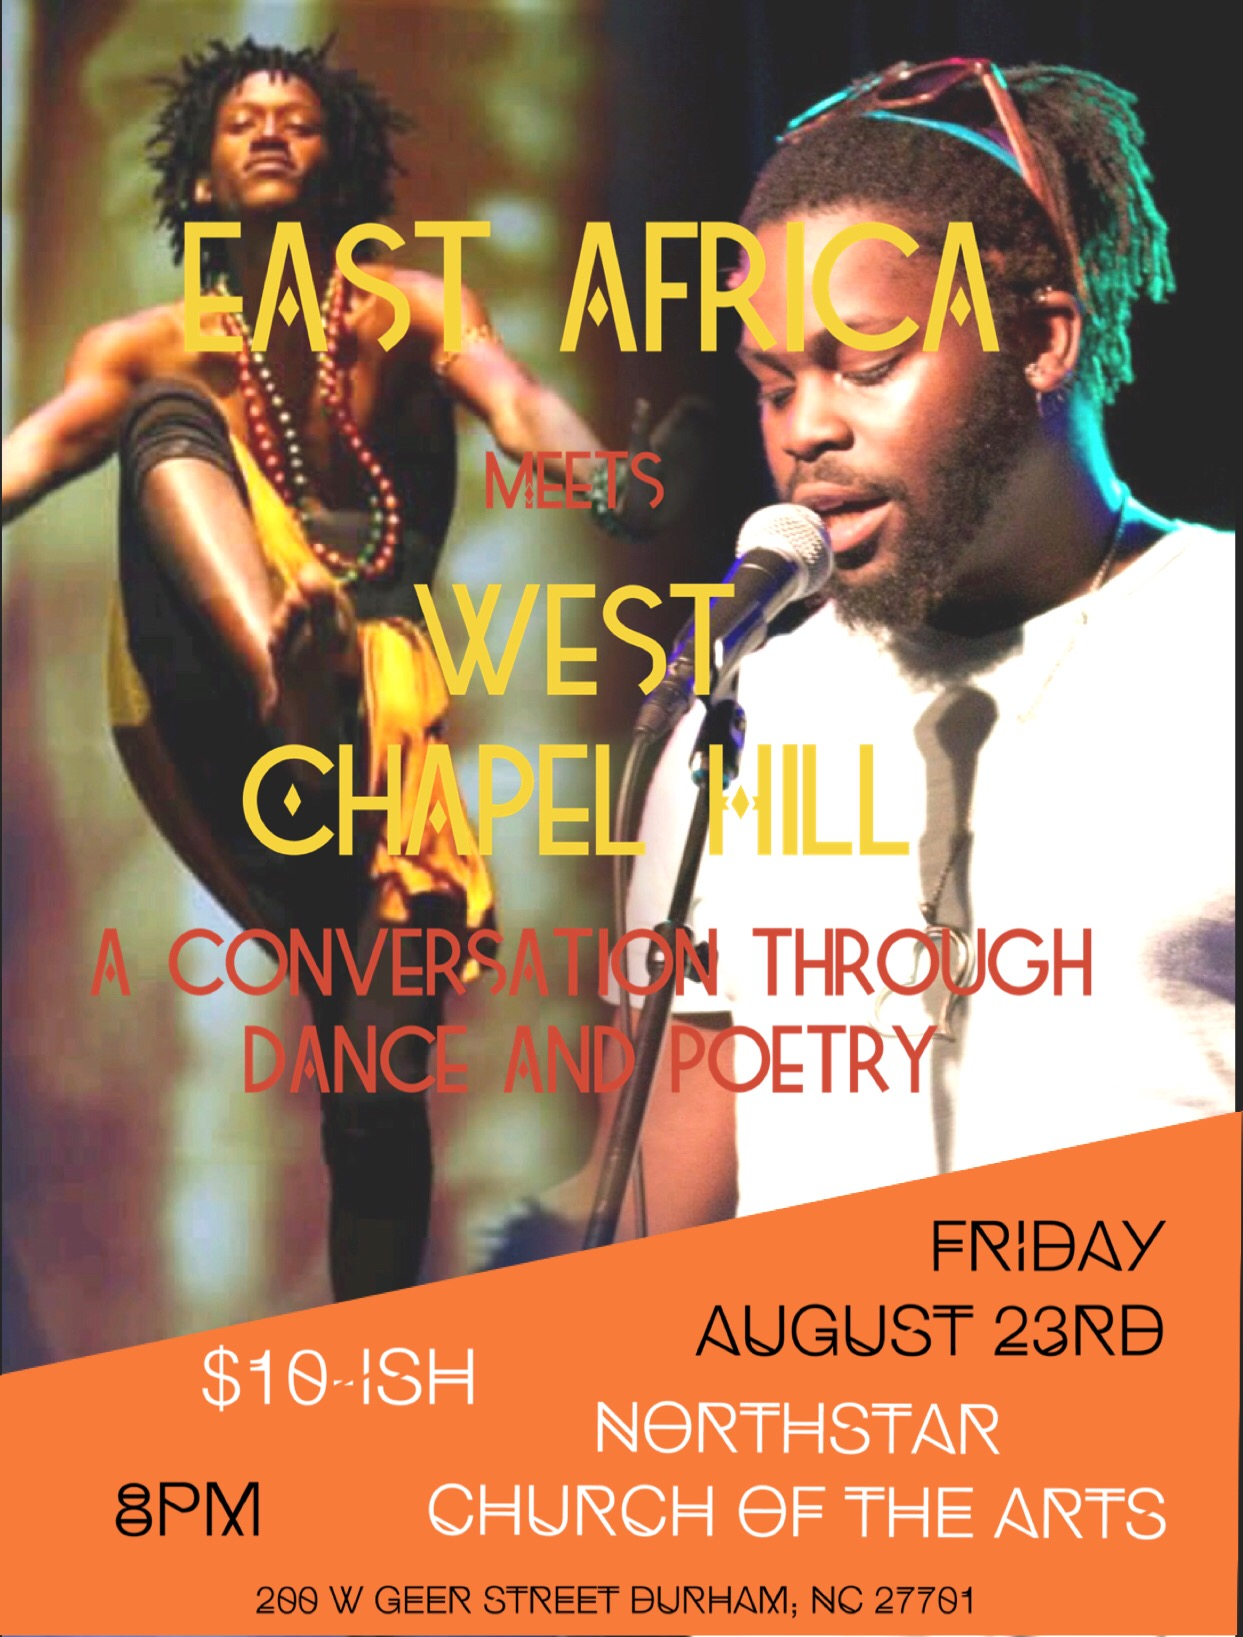 eastafrica_westchapelhill.JPG